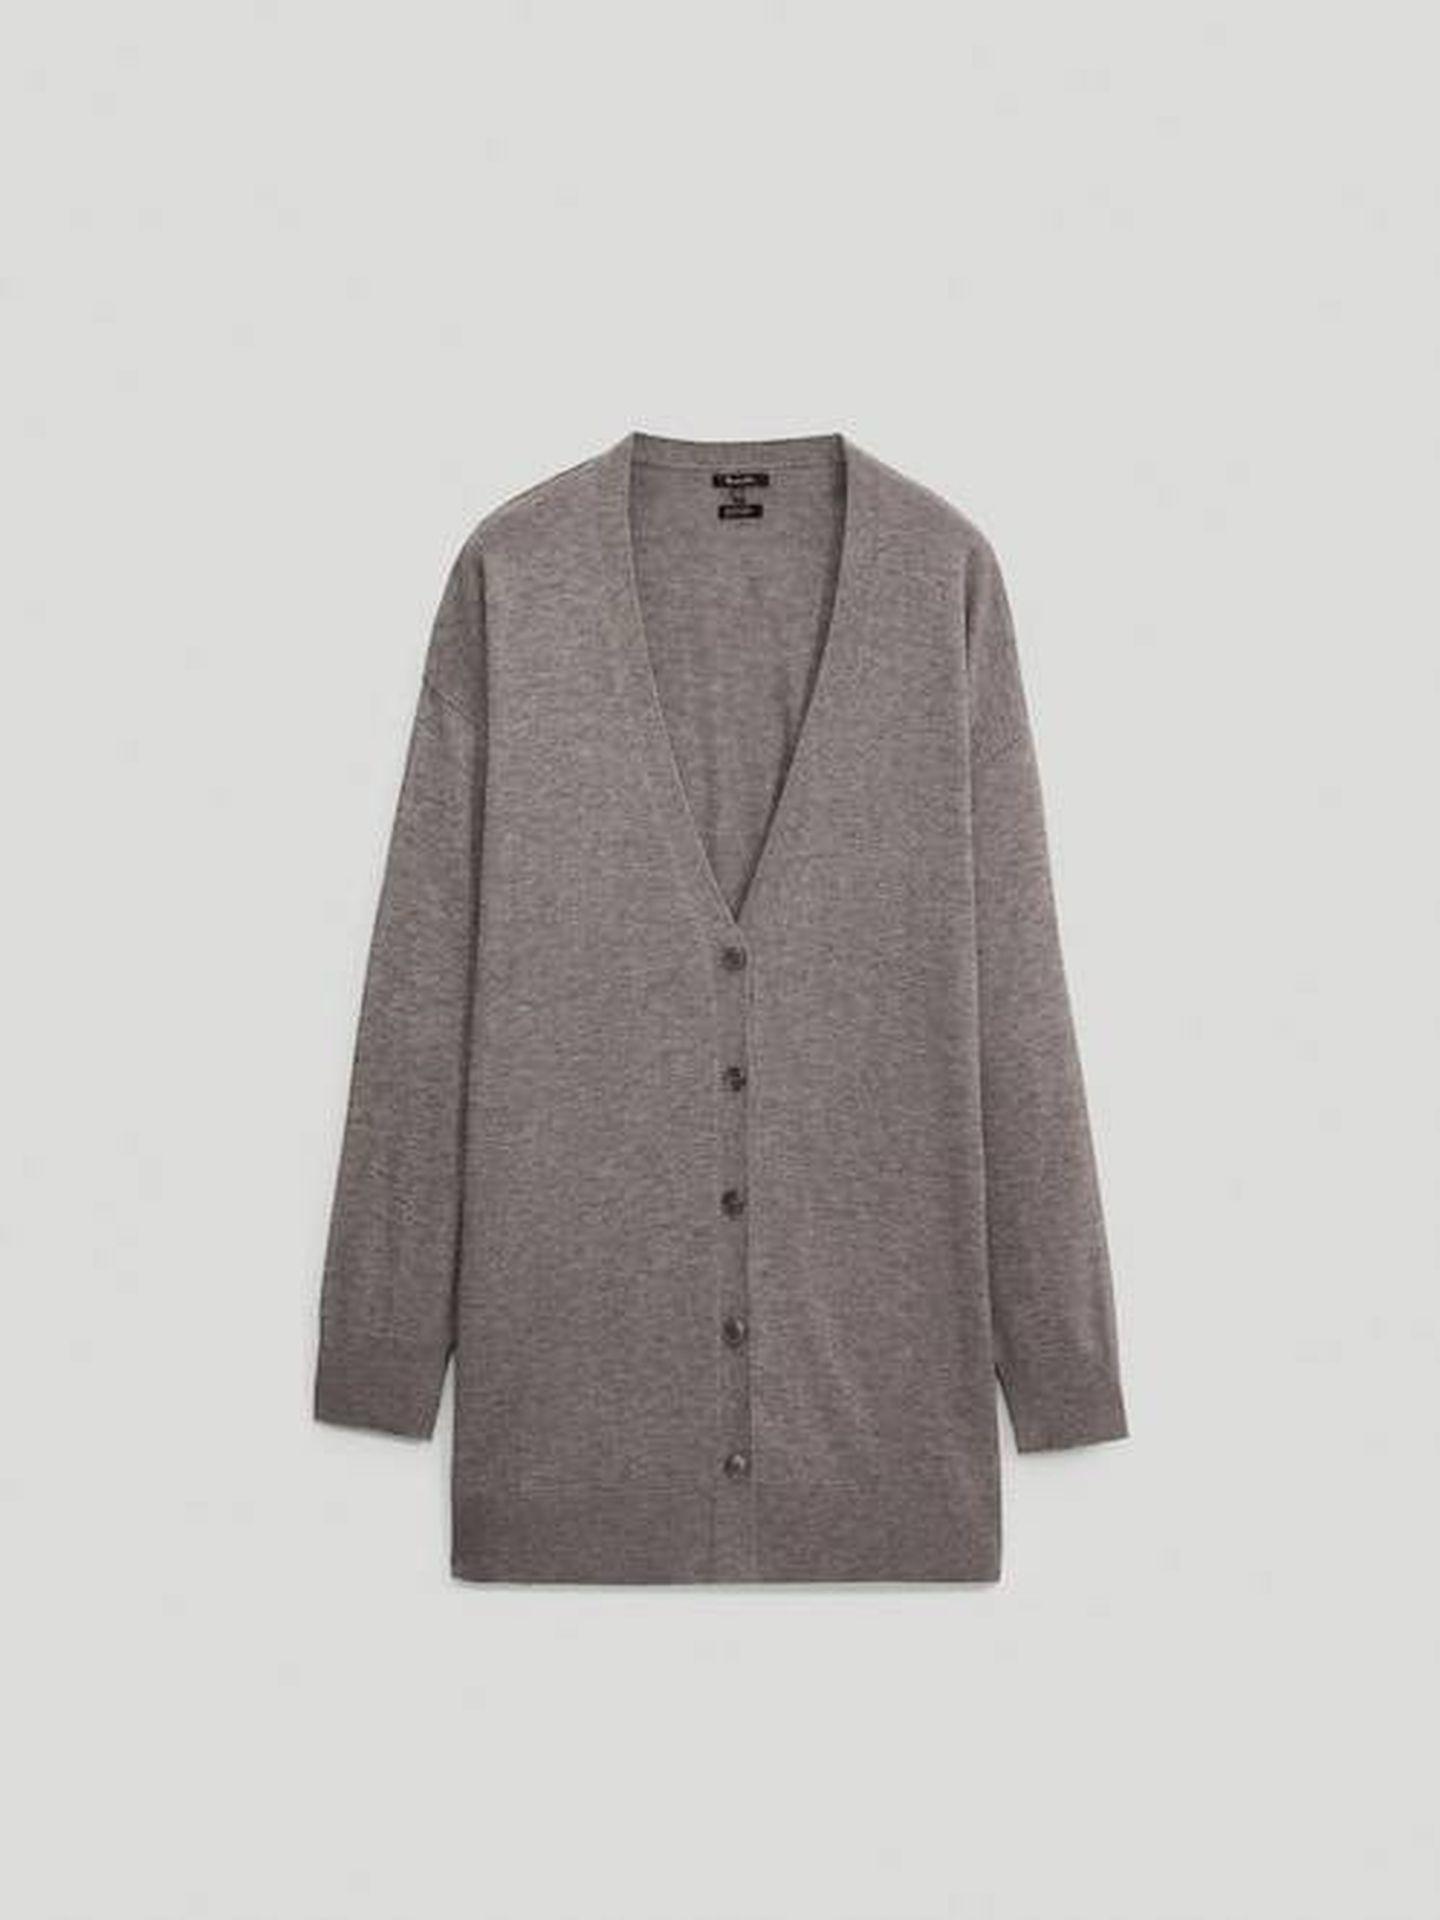 La chaqueta del look de Massimo Dutti. (Cortesía)